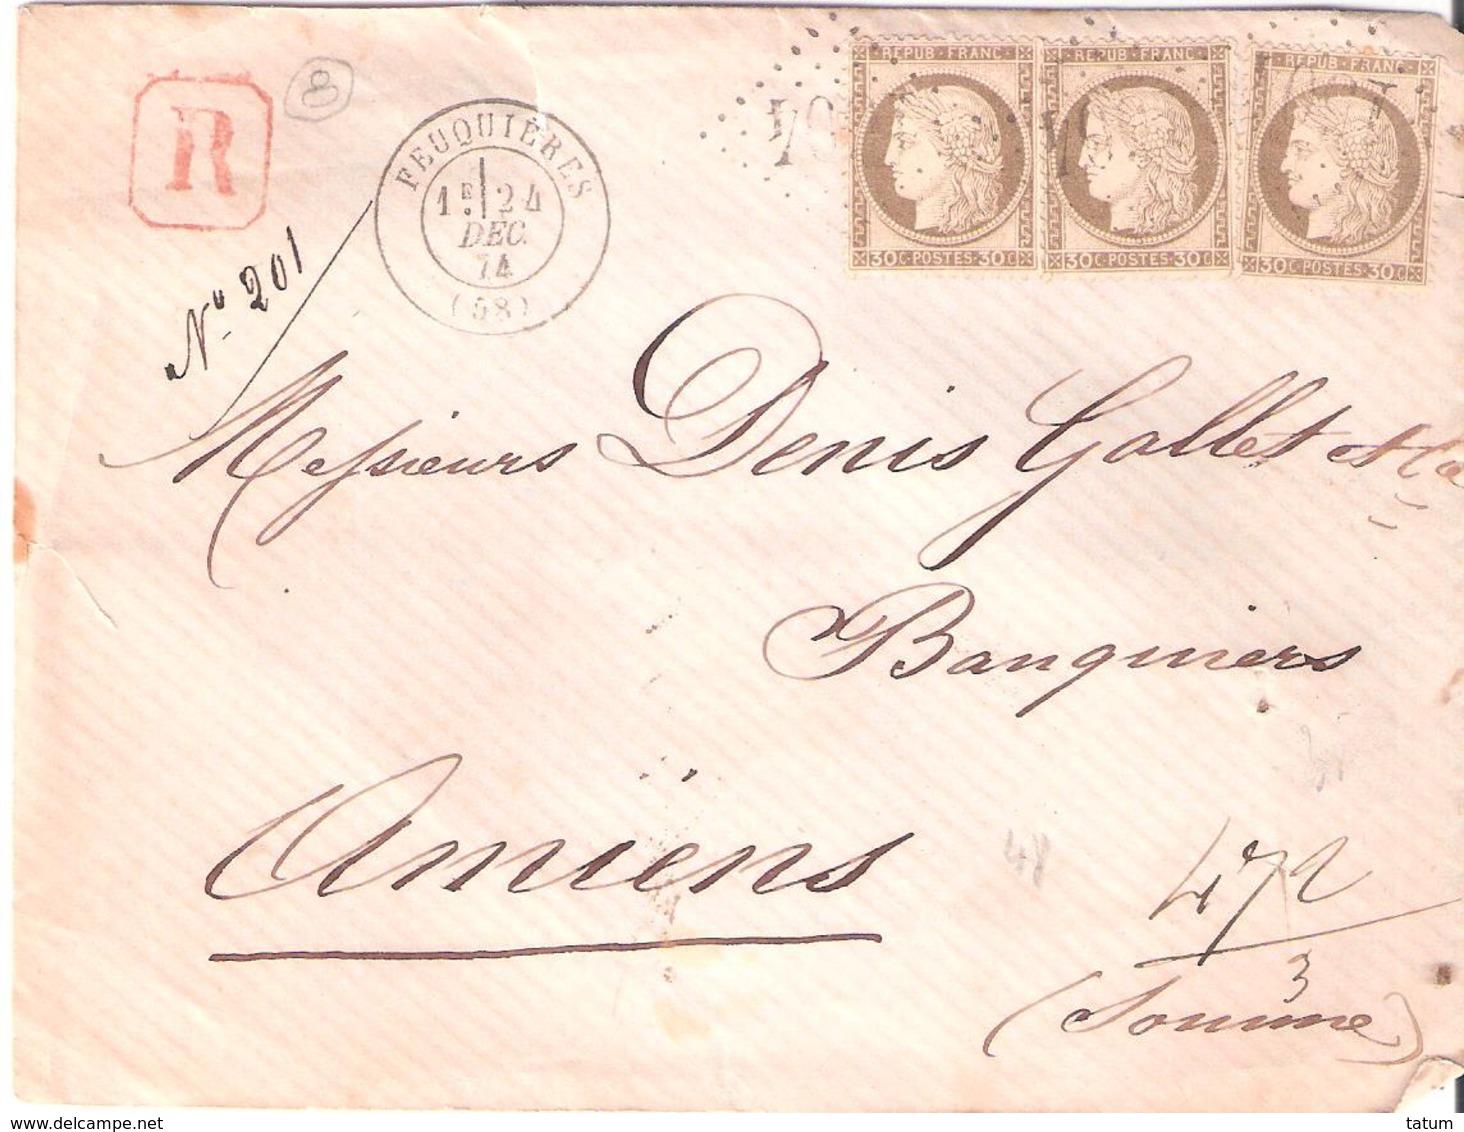 Oise :- FEUQUIERES G.C.1504 Dateur Type 17 Sur Devant Lettre Recommandée - Marcophilie (Lettres)